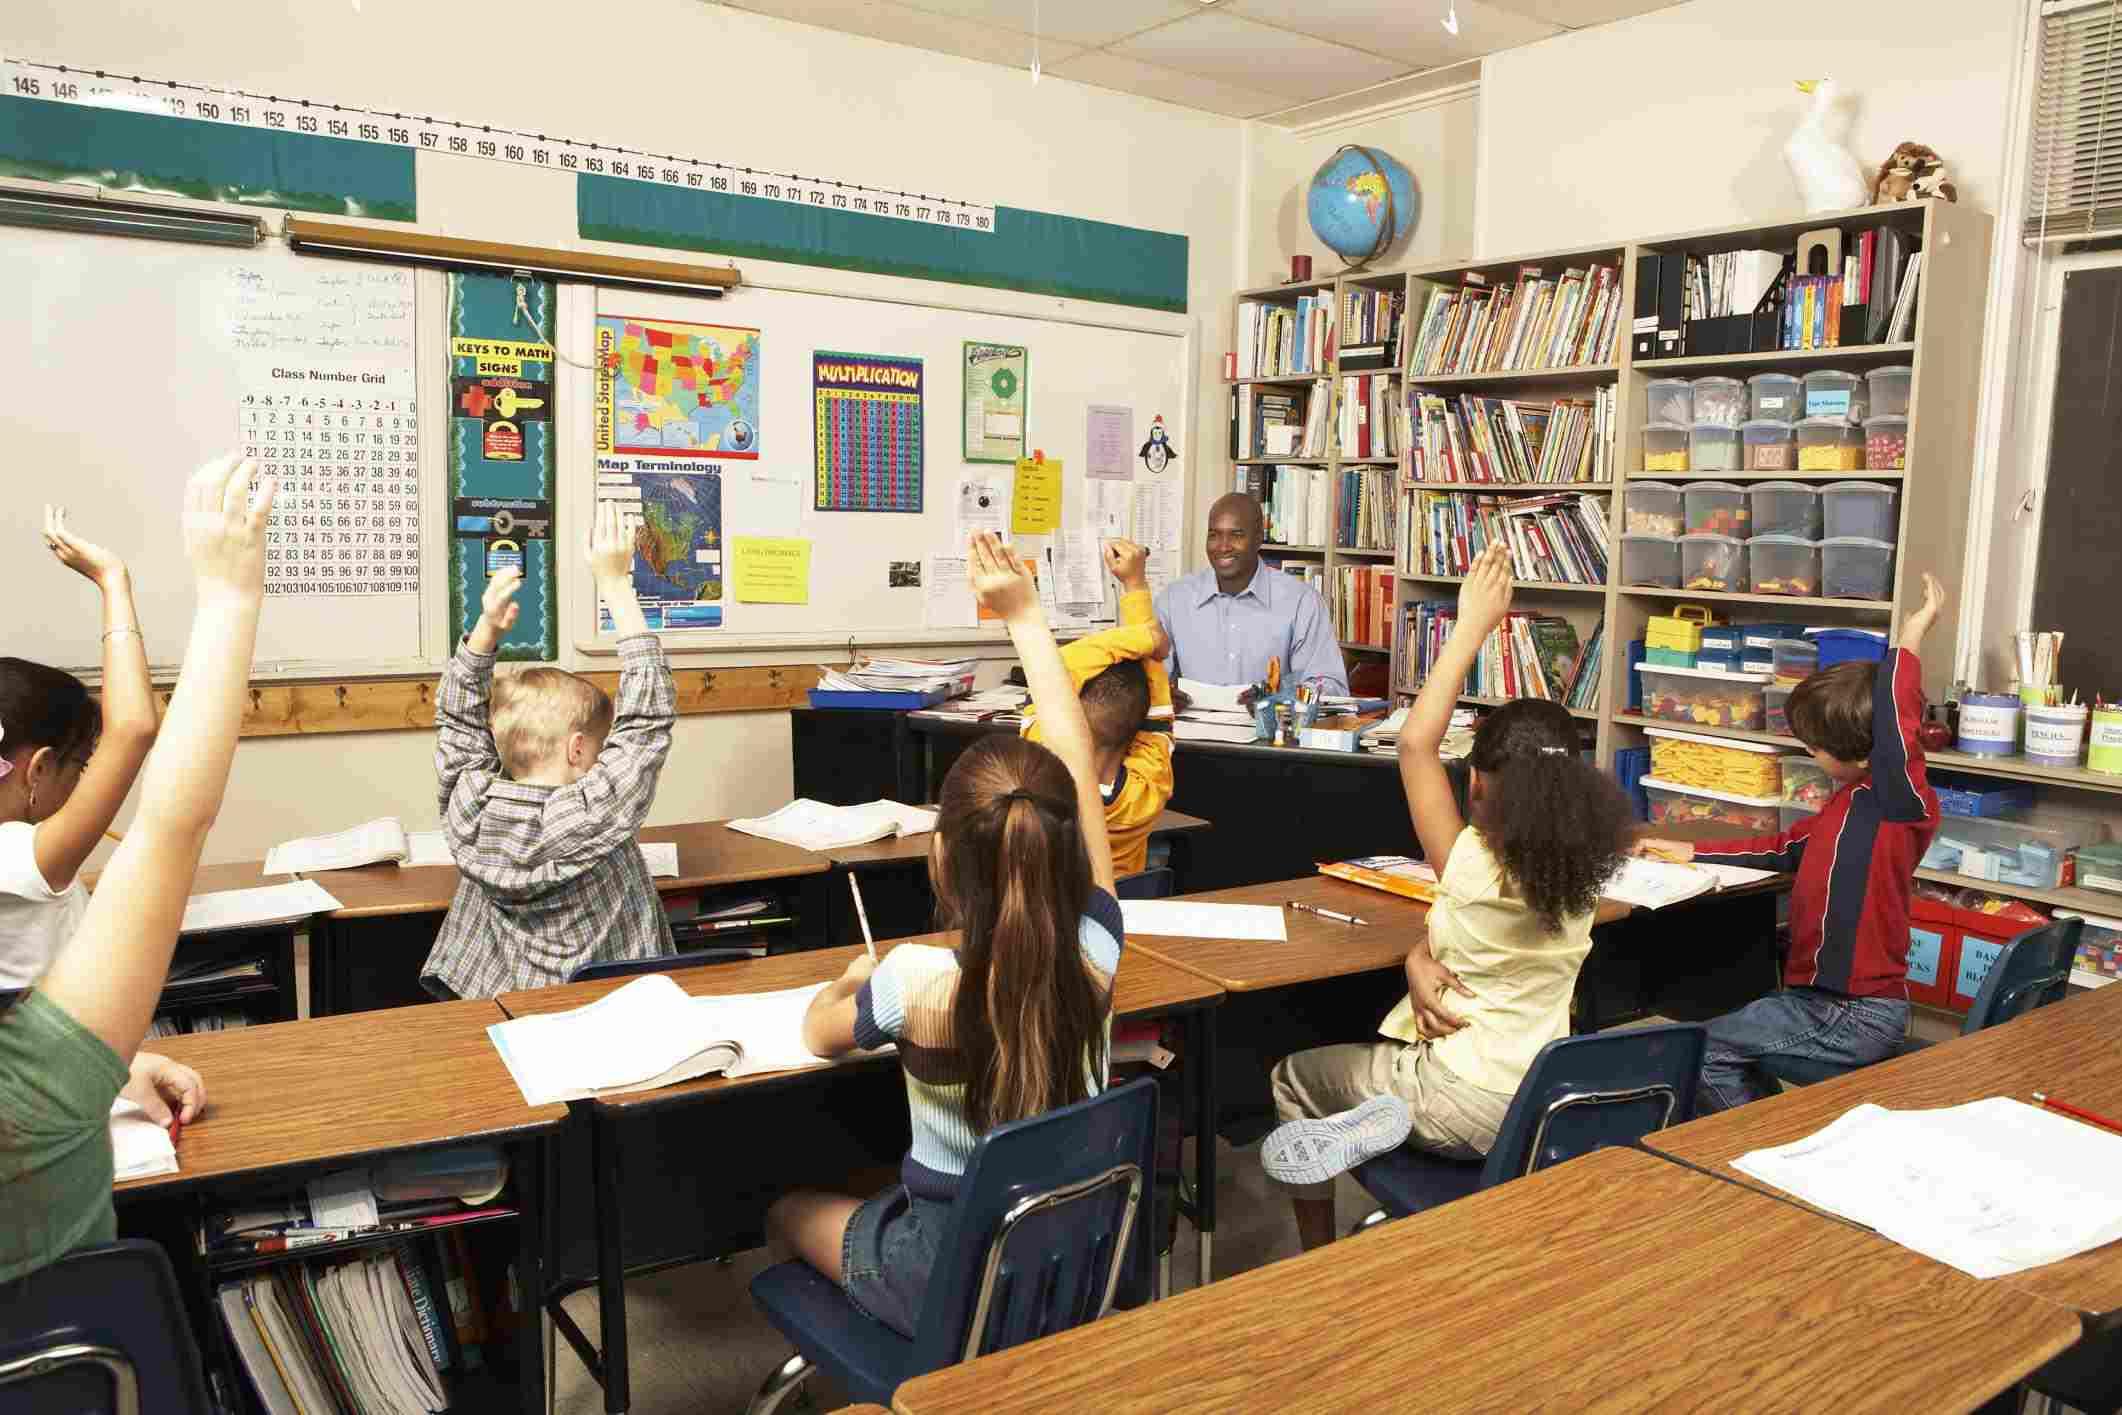 Schoolchildren raising hands for teacher in classroom